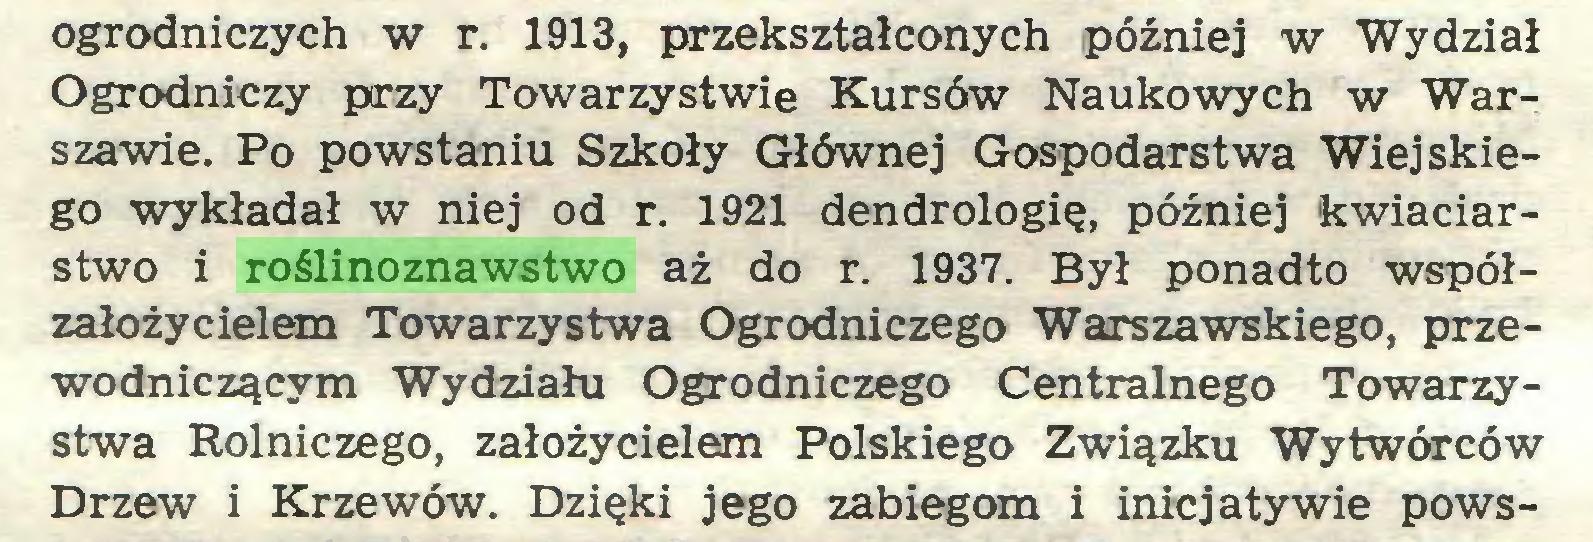 (...) ogrodniczych w r. 1913, przekształconych później w Wydział Ogrodniczy przy Towarzystwie Kursów Naukowych w Warszawie. Po powstaniu Szkoły Głównej Gospodarstwa Wiejskiego wykładał w niej od r. 1921 dendrologię, później kwiaciarstwo i roślinoznawstwo aż do r. 1937. Był ponadto współzałożycielem Towarzystwa Ogrodniczego Warszawskiego, przewodniczącym Wydziału Ogrodniczego Centralnego Towarzystwa Rolniczego, założycielem Polskiego Związku Wytwórców Drzew i Krzewów. Dzięki jego zabiegom i inicjatywie pows...